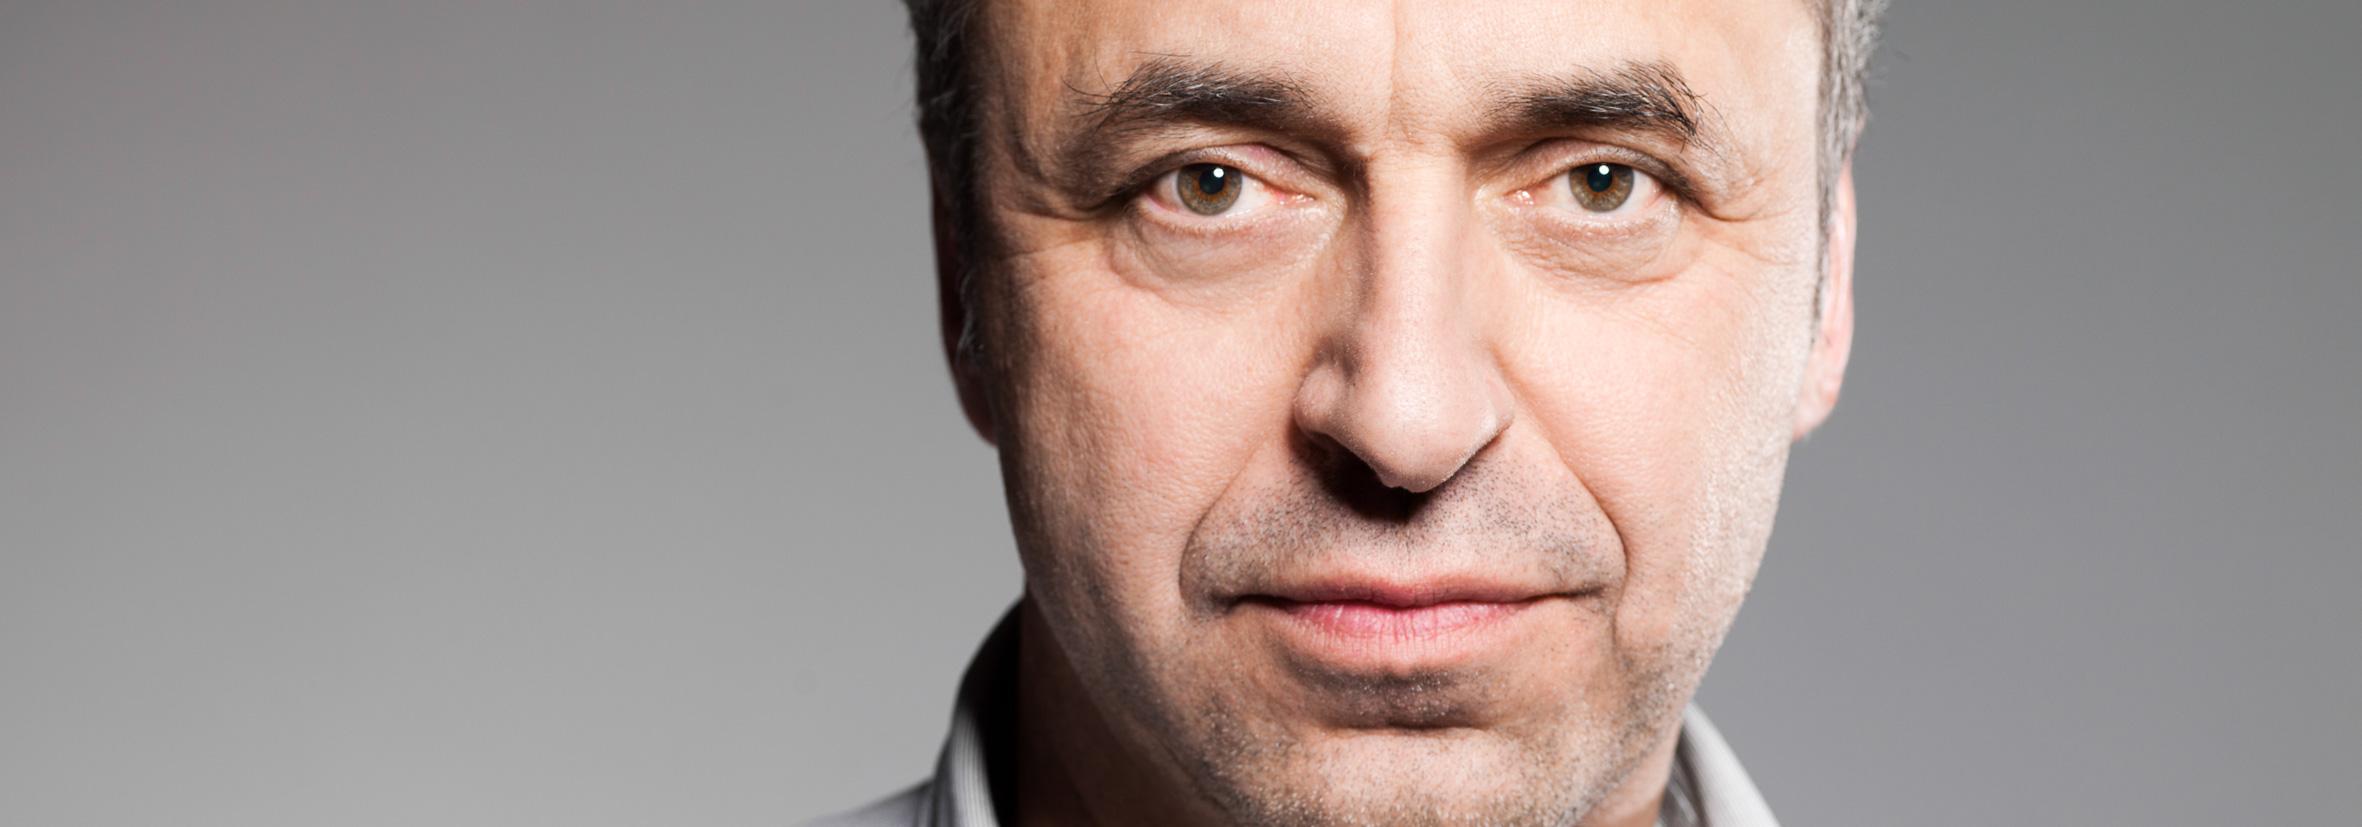 Hans_Ferenz_Foto_Heidi_Scherm_Homepage